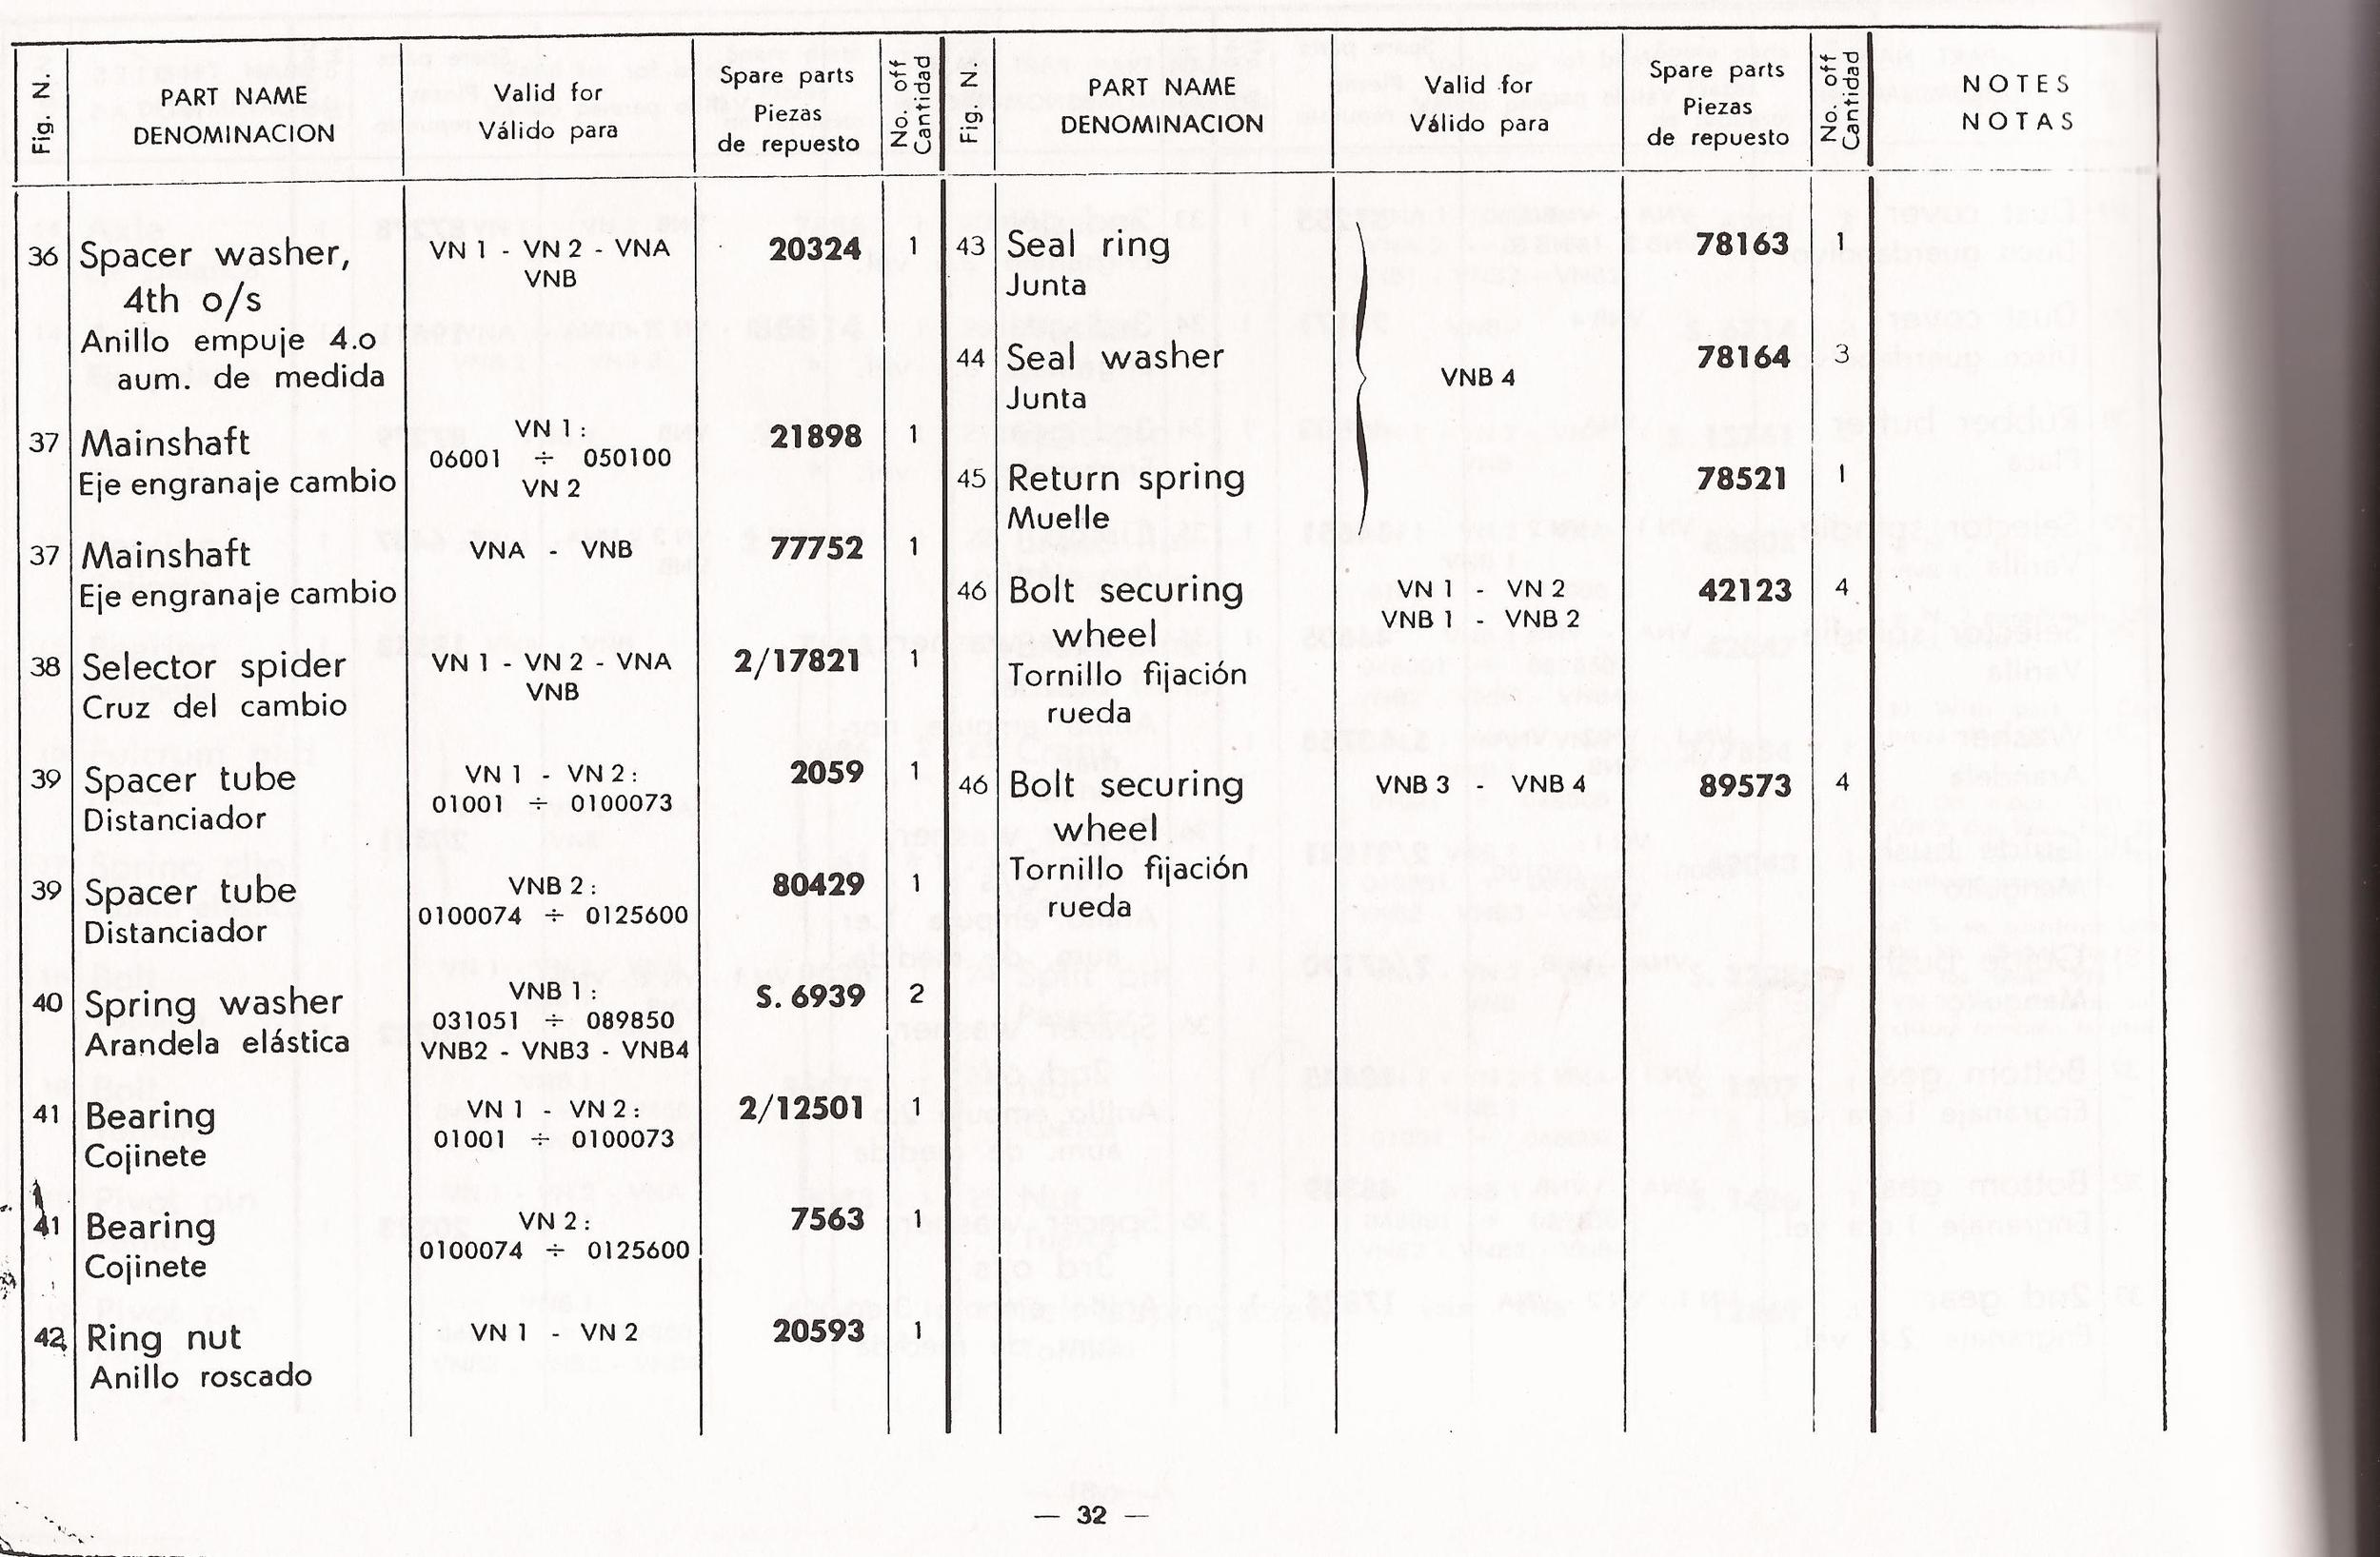 07-16-2013 vespa 125 catalog manuel 35.jpg